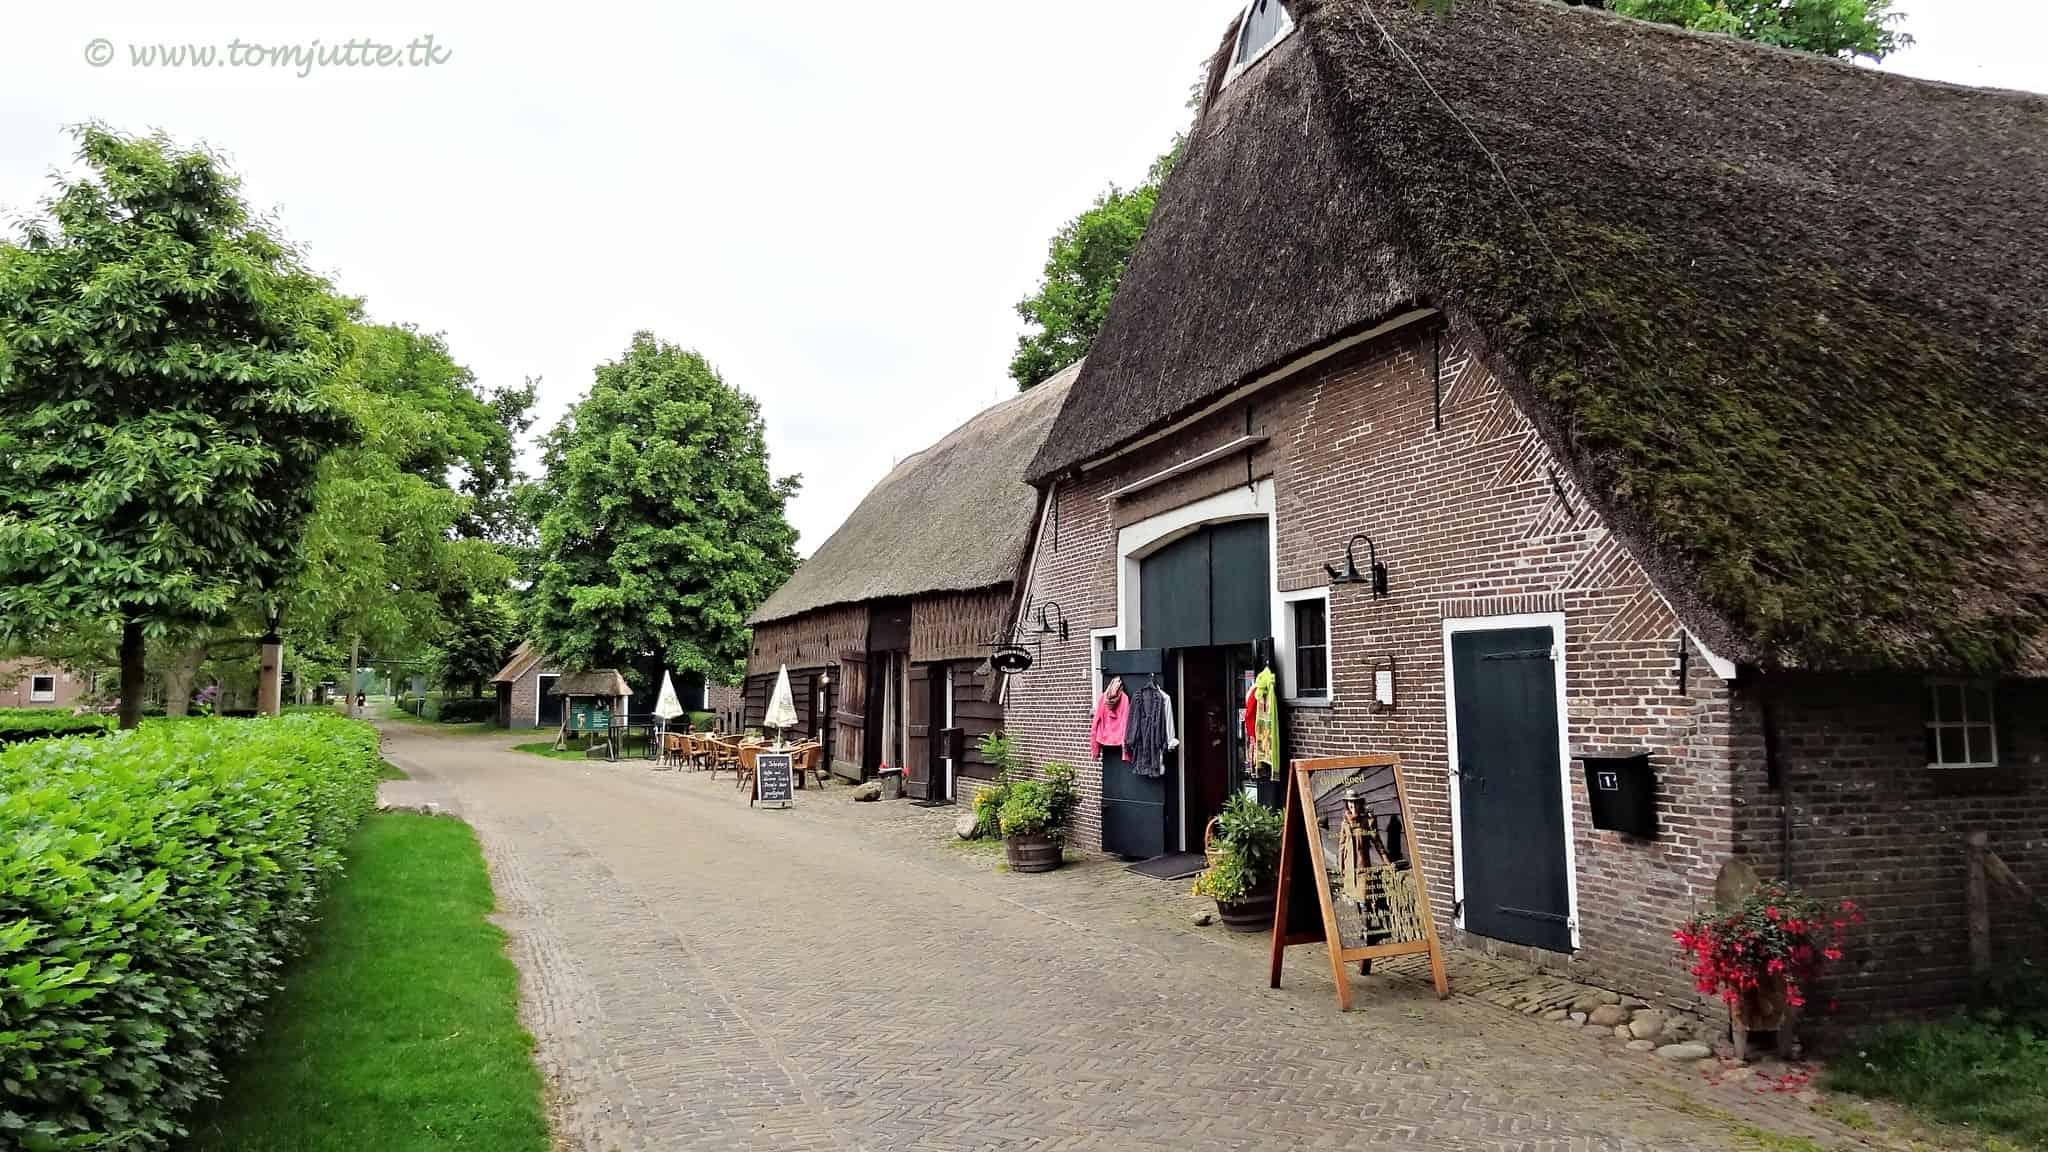 Huisjes langs een weggetje in Orvelte, een van de mooiste Nederlandse dorpjes.